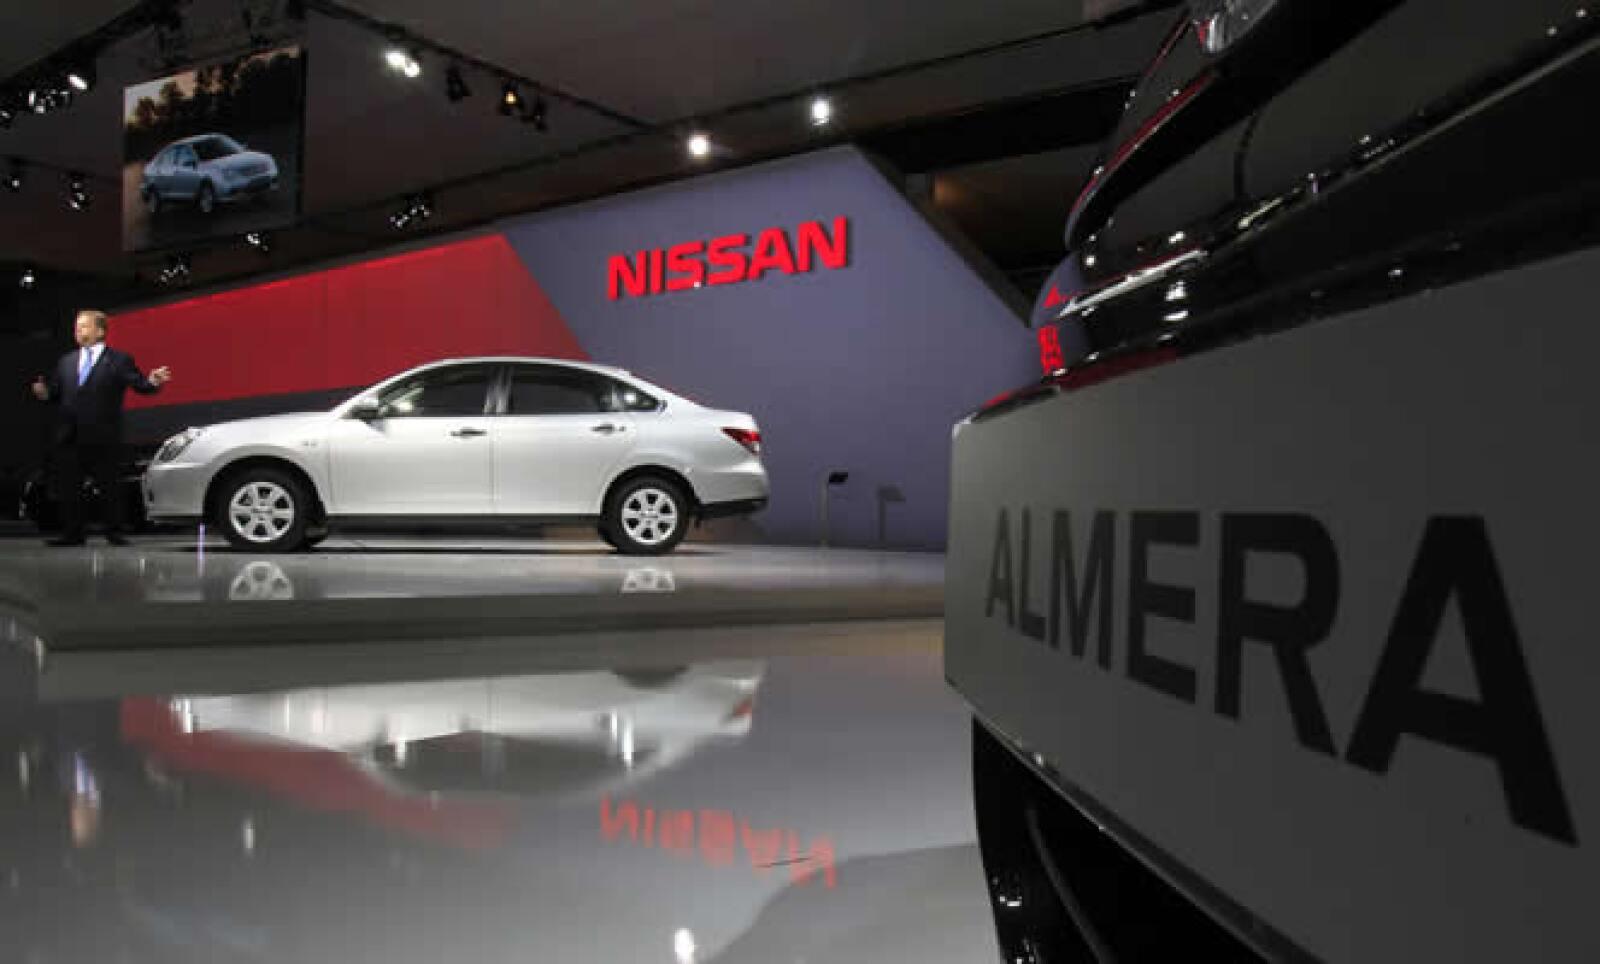 El Gobierno ruso impulsa la industria automotriz al diversificar su base industrial más allá del petróleo y gas.